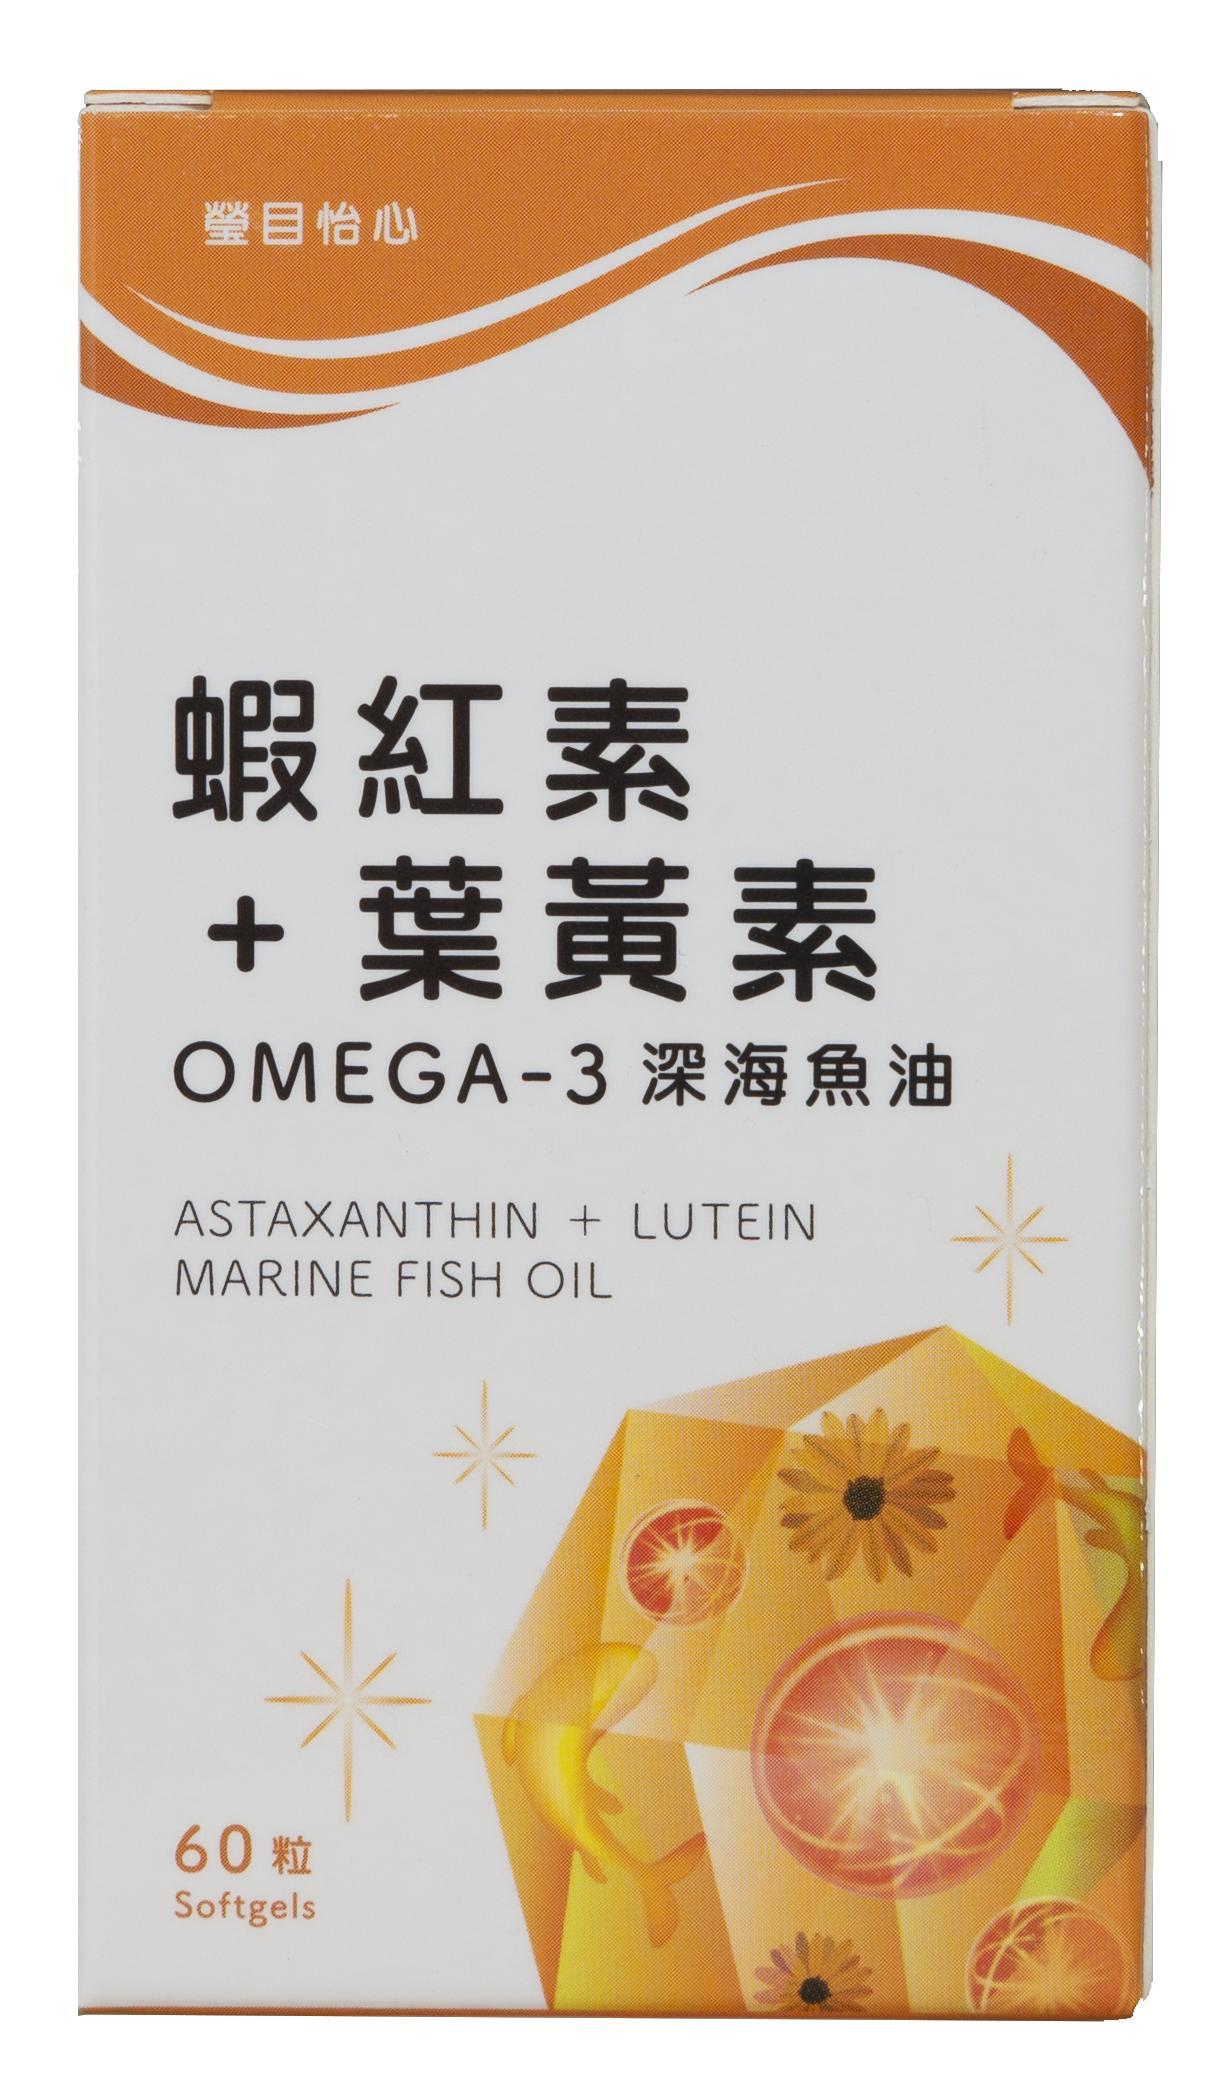 【全瑩生技】 蝦紅素 +葉黃素 OMEGA-3 深海魚油 60粒 葉黃素 保健食品 魚油